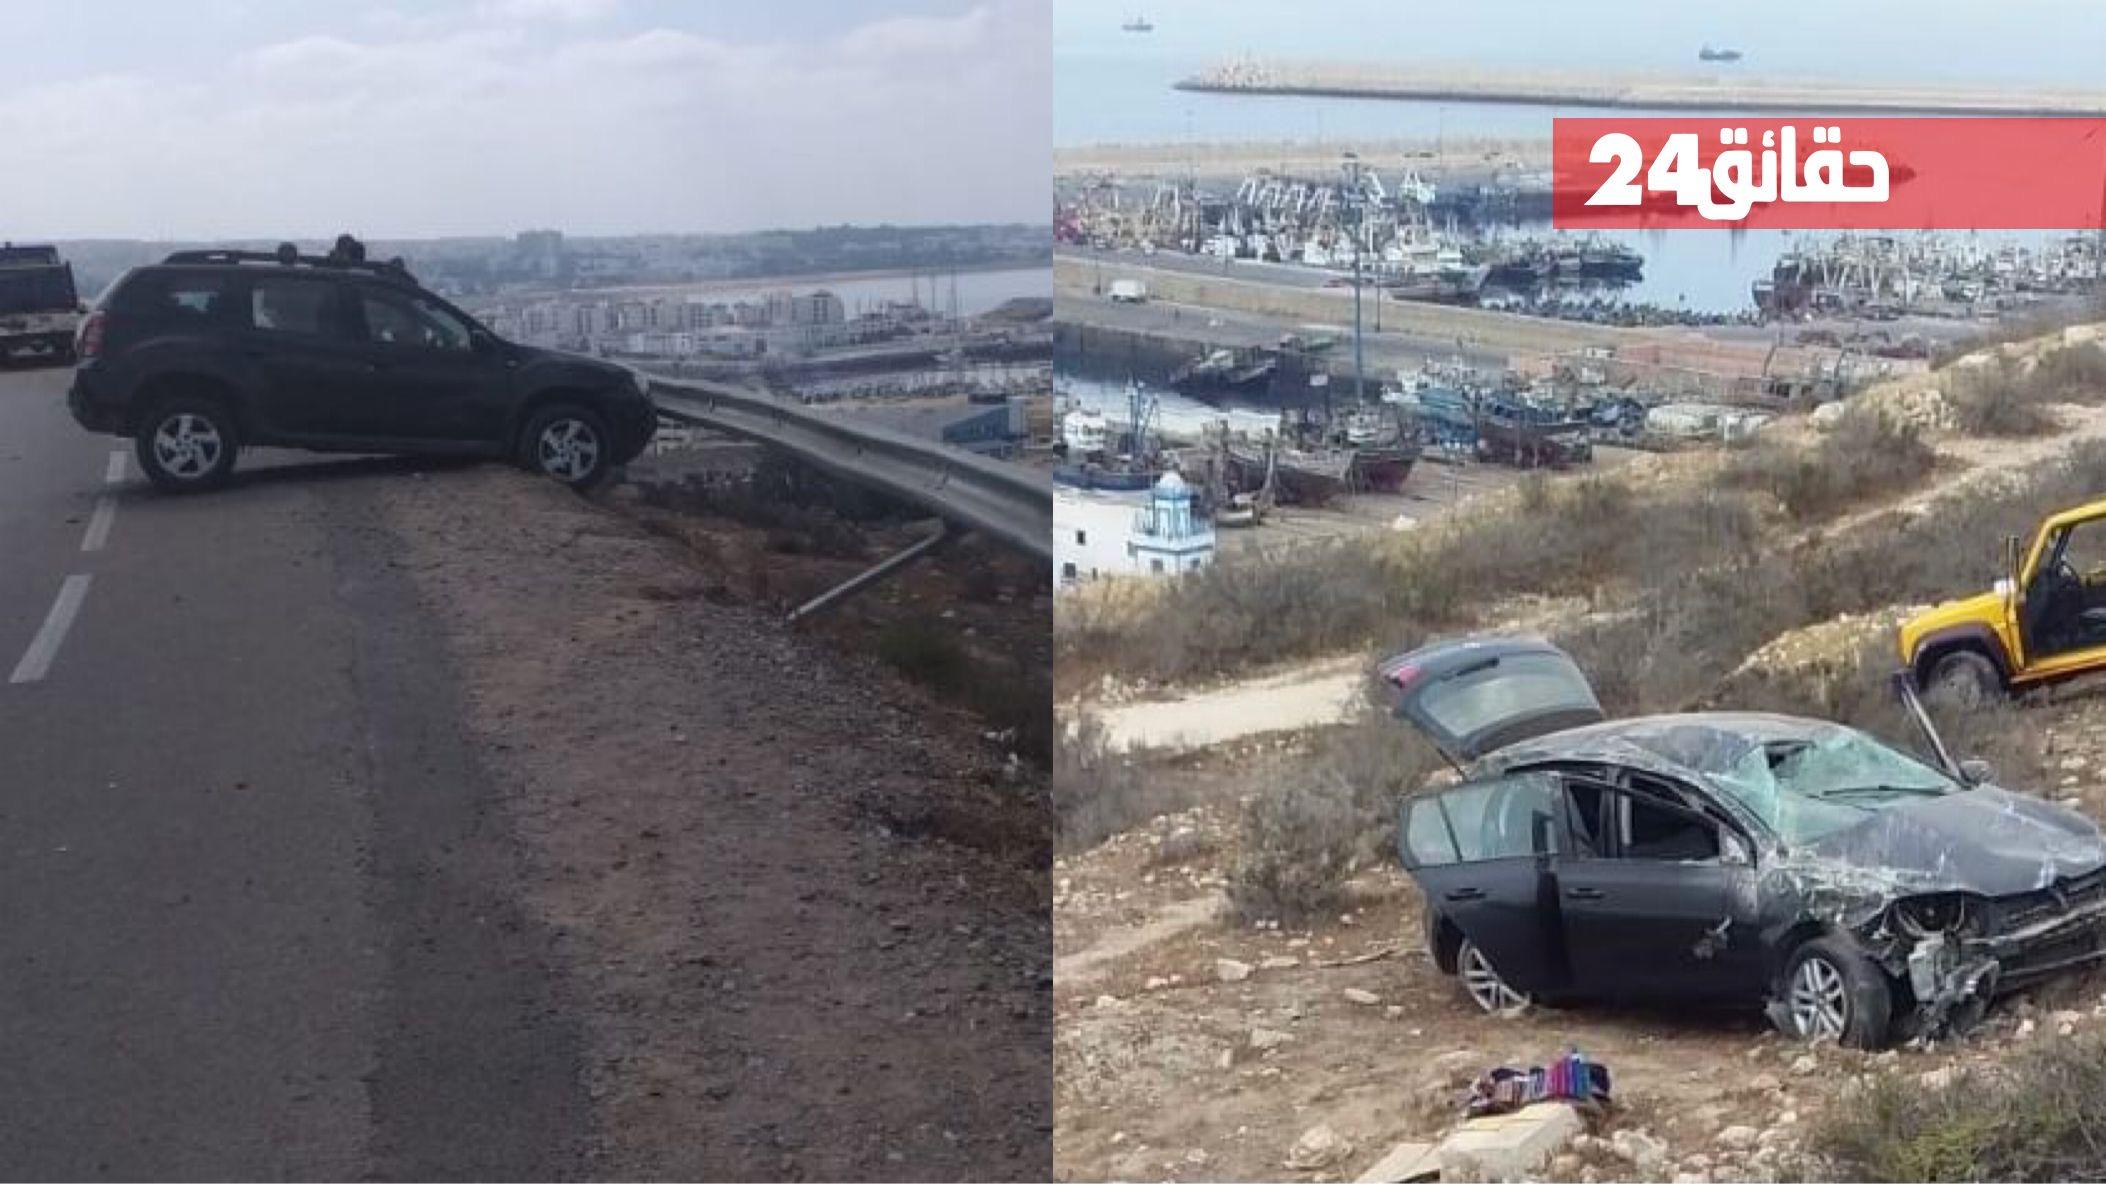 """صورة أكادير .. """"سباق سيارات """" يؤدي إلى وقوع حادث سير خطير"""